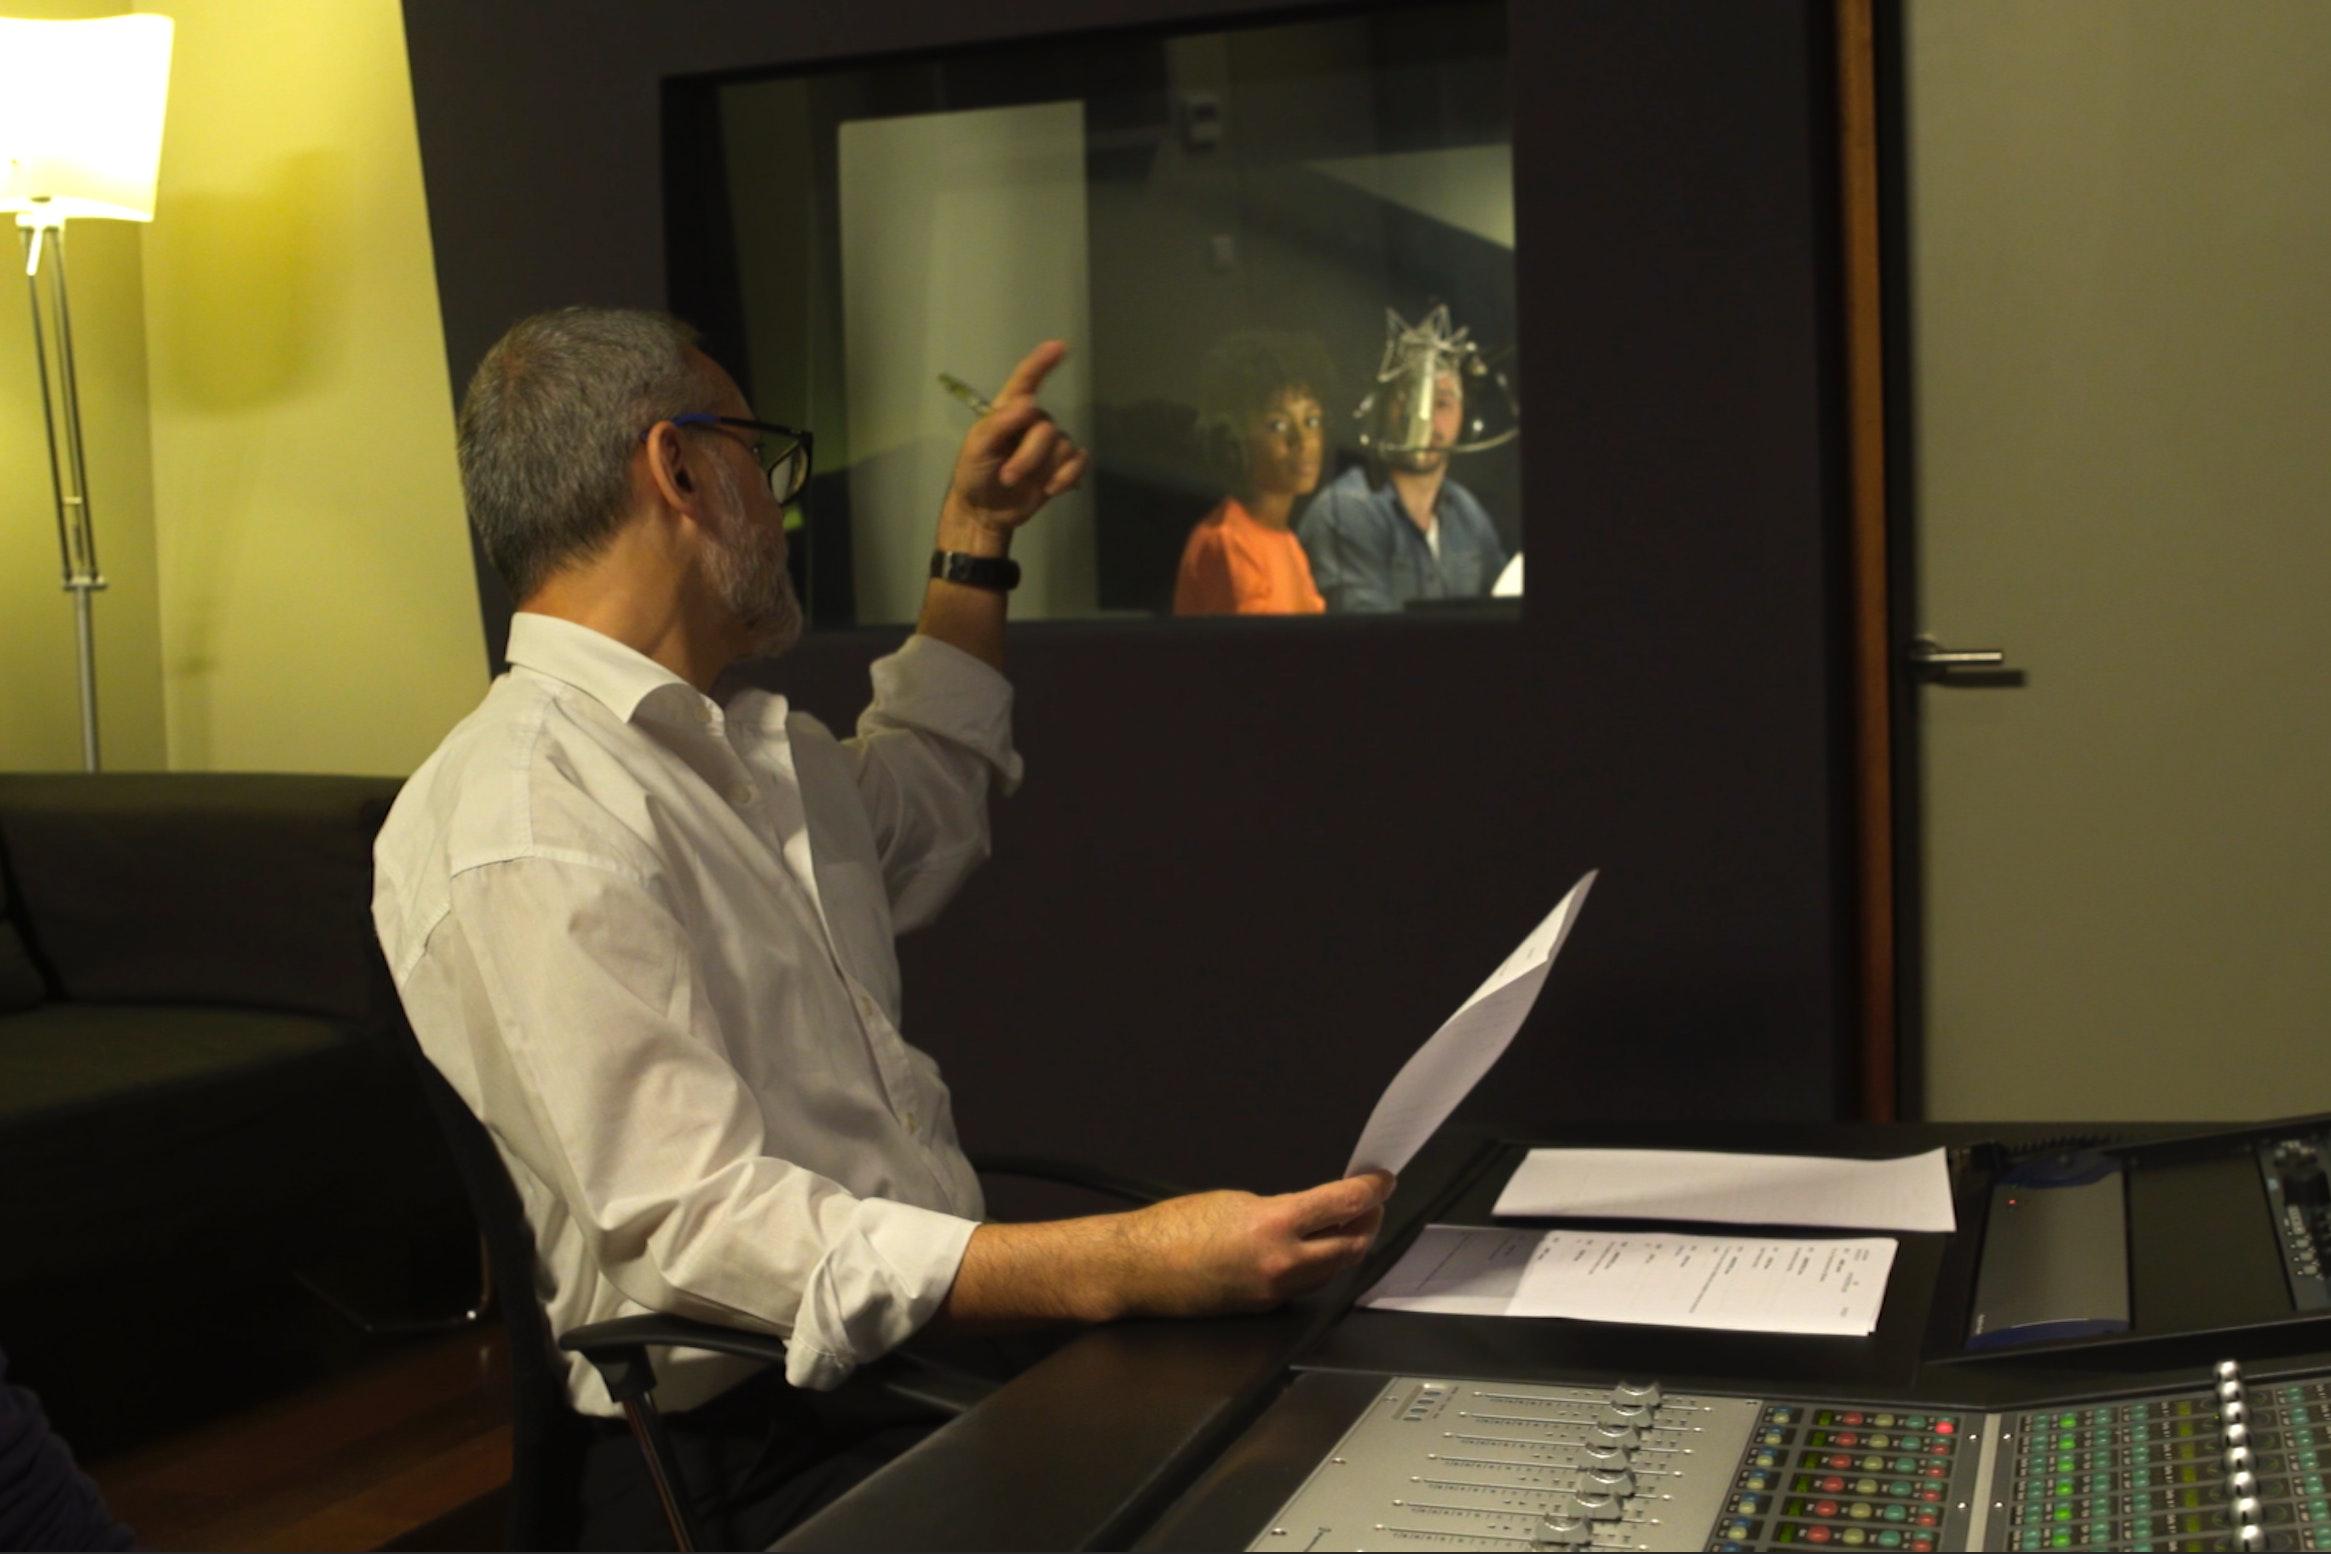 Directeur artistique donnant des consignes de doublage à des comédiens dans studio d'enregistrement